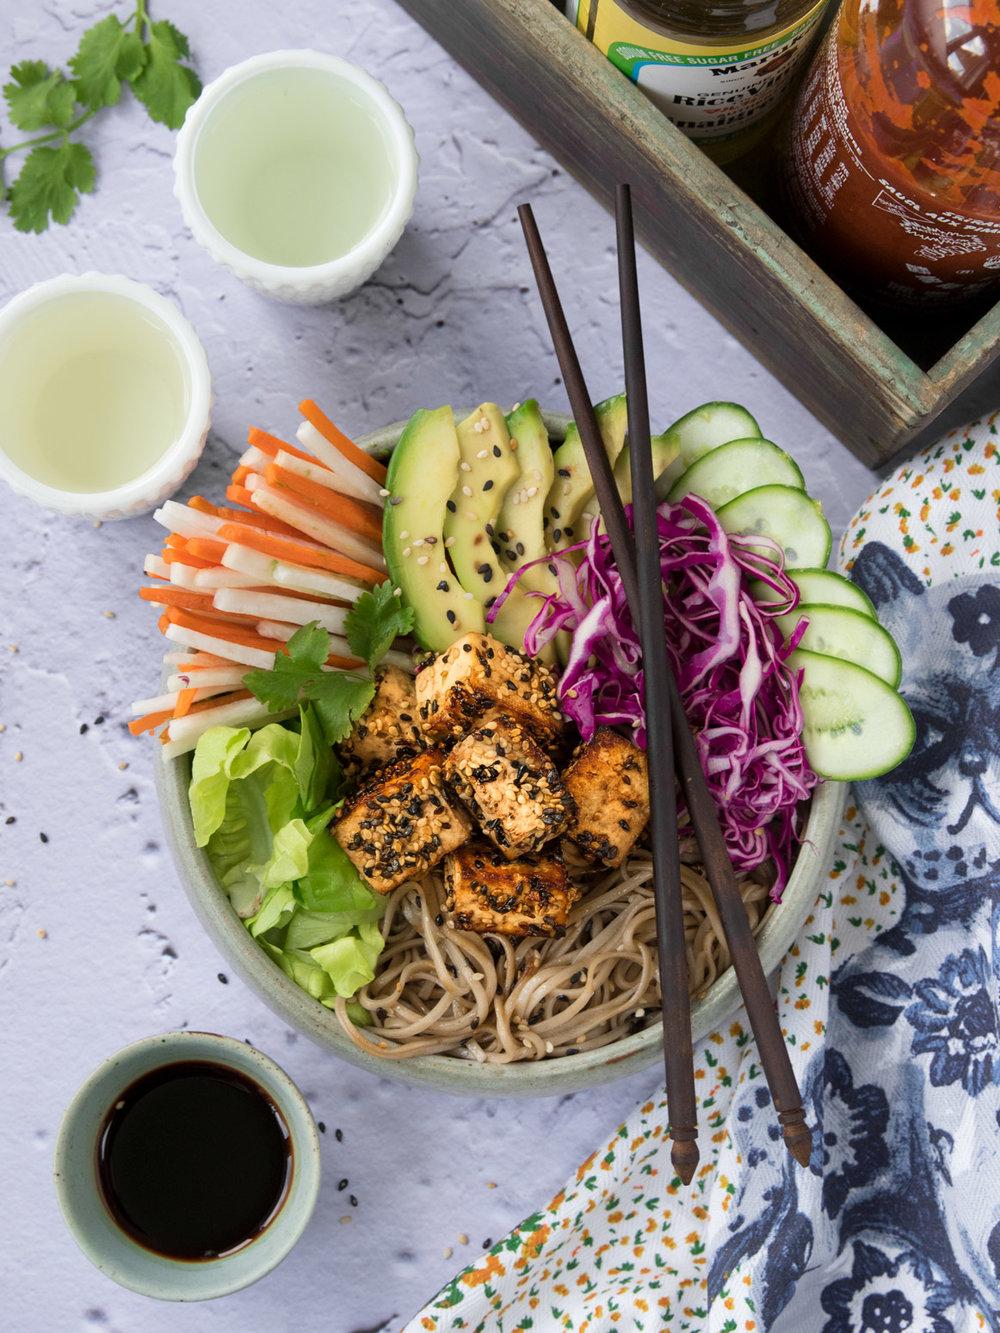 Bol Banh-mi Recette tirée du livre  Les conseils d'Hubert  Photographie et stylisme culinaire : Hubert Cormier